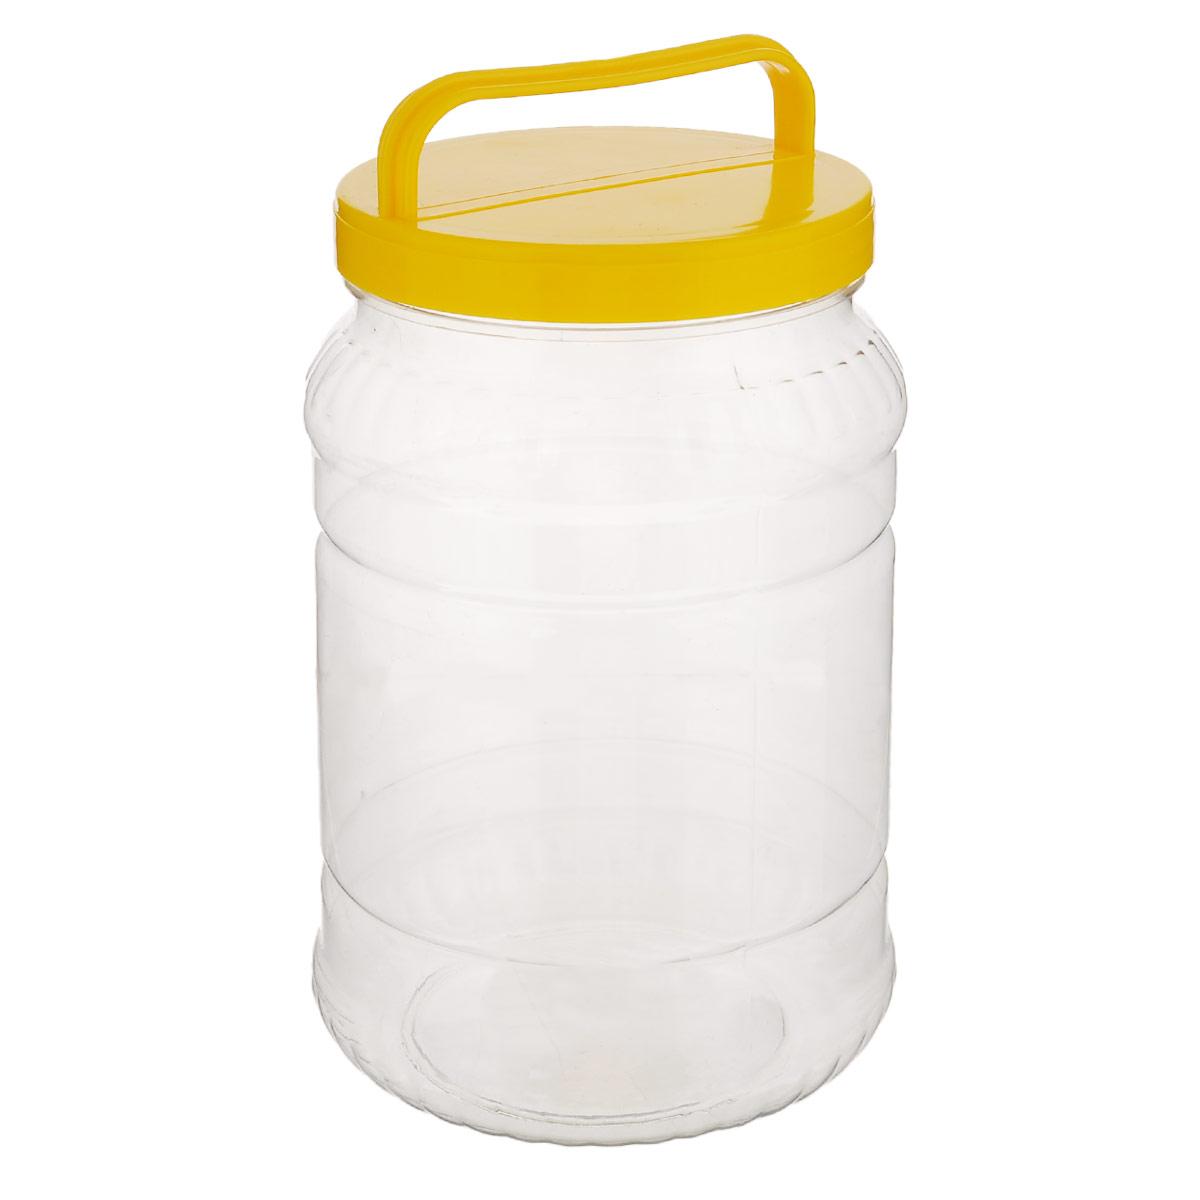 Бидон Альтернатива, цвет: прозрачный, желтый, 2 лМ461_желтыйБидон Альтернатива предназначен для хранения и переноски пищевыхпродуктов, такихкак молоко, вода и прочее. Выполнен из пищевого высококачественного пластика.Оснащенручкойдля удобной переноски. Бидон Альтернатива станет незаменимым аксессуаром на вашей кухне. Высота бидона (без учета крышки): 20,5 см. Диаметр: 10,5 см.